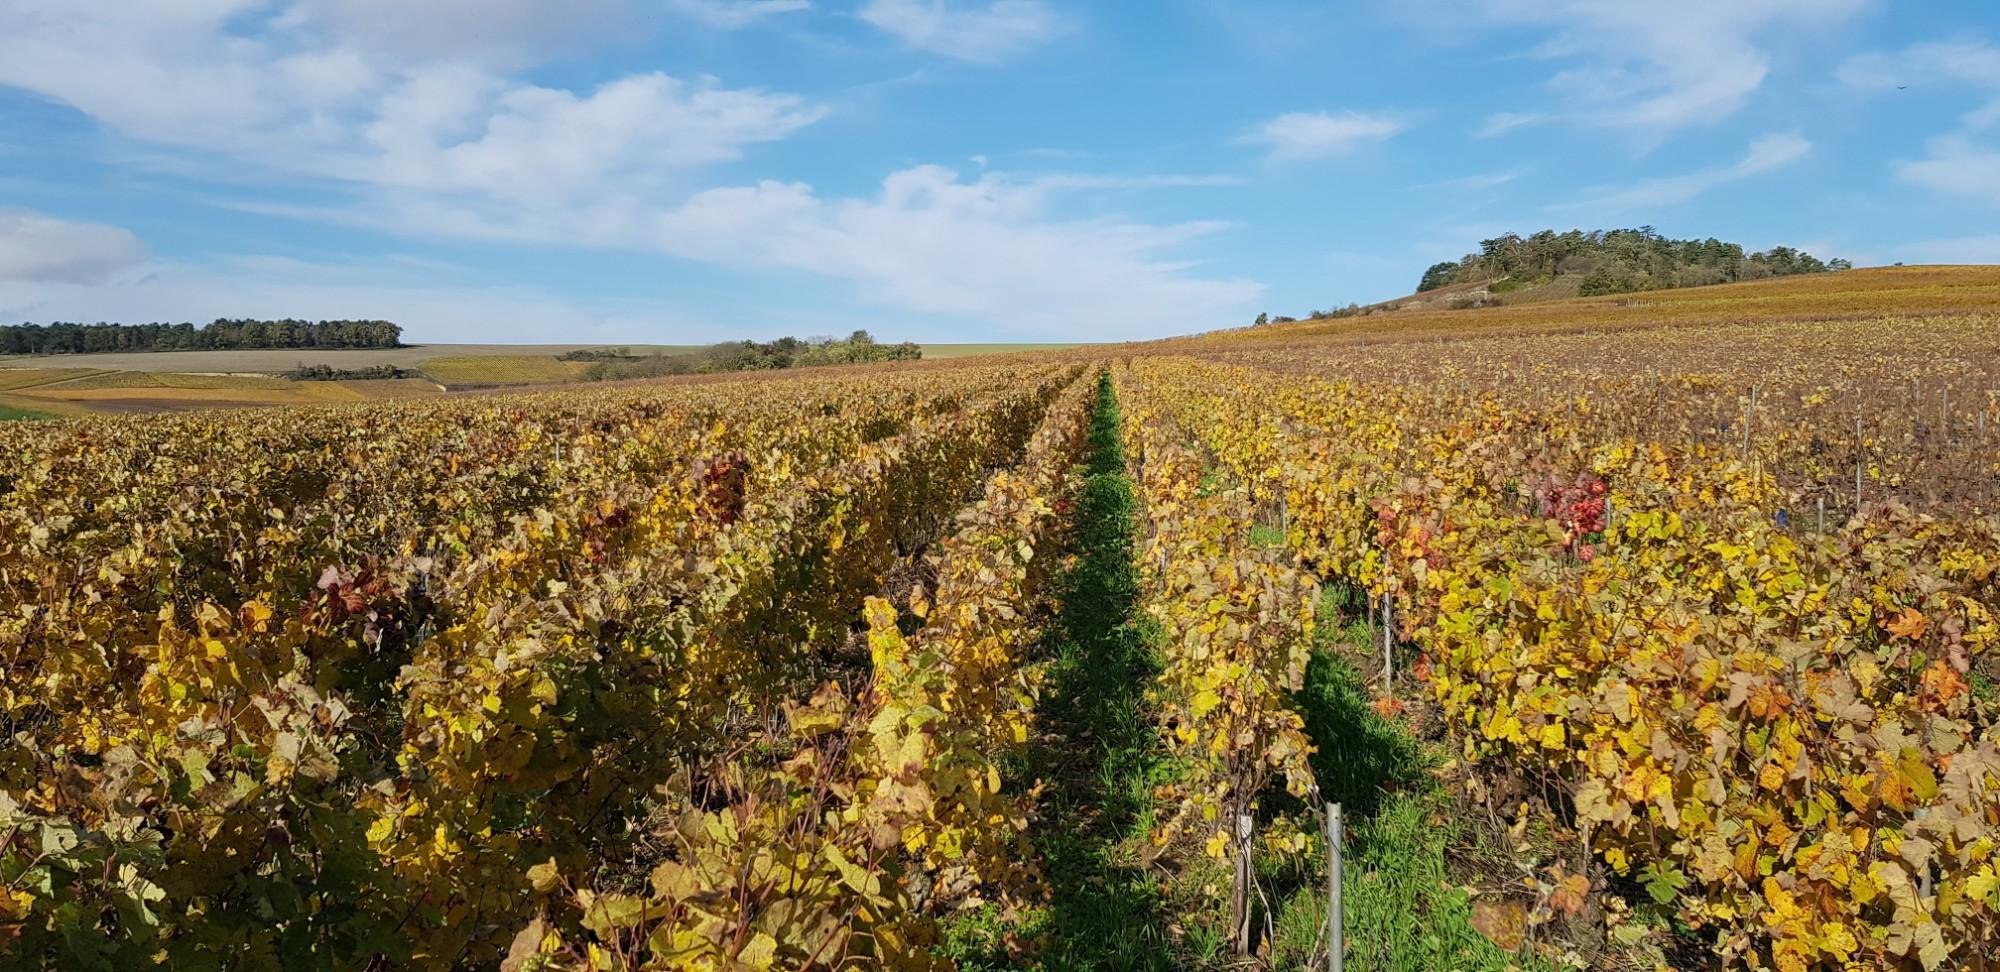 Les viticulteurs de l'année